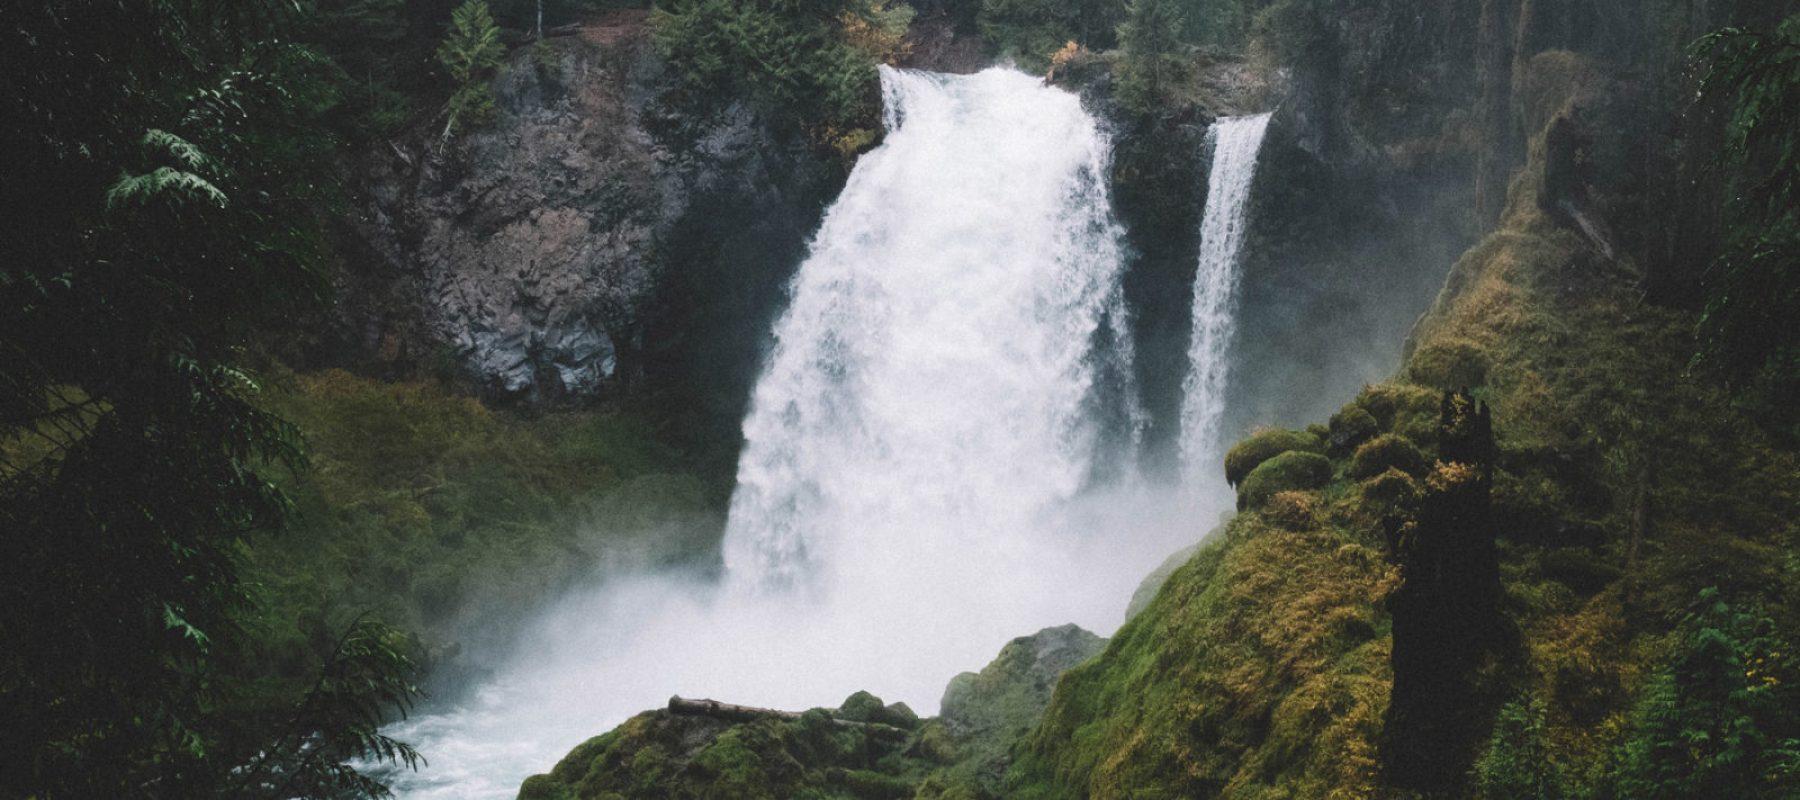 Une chute d'eau